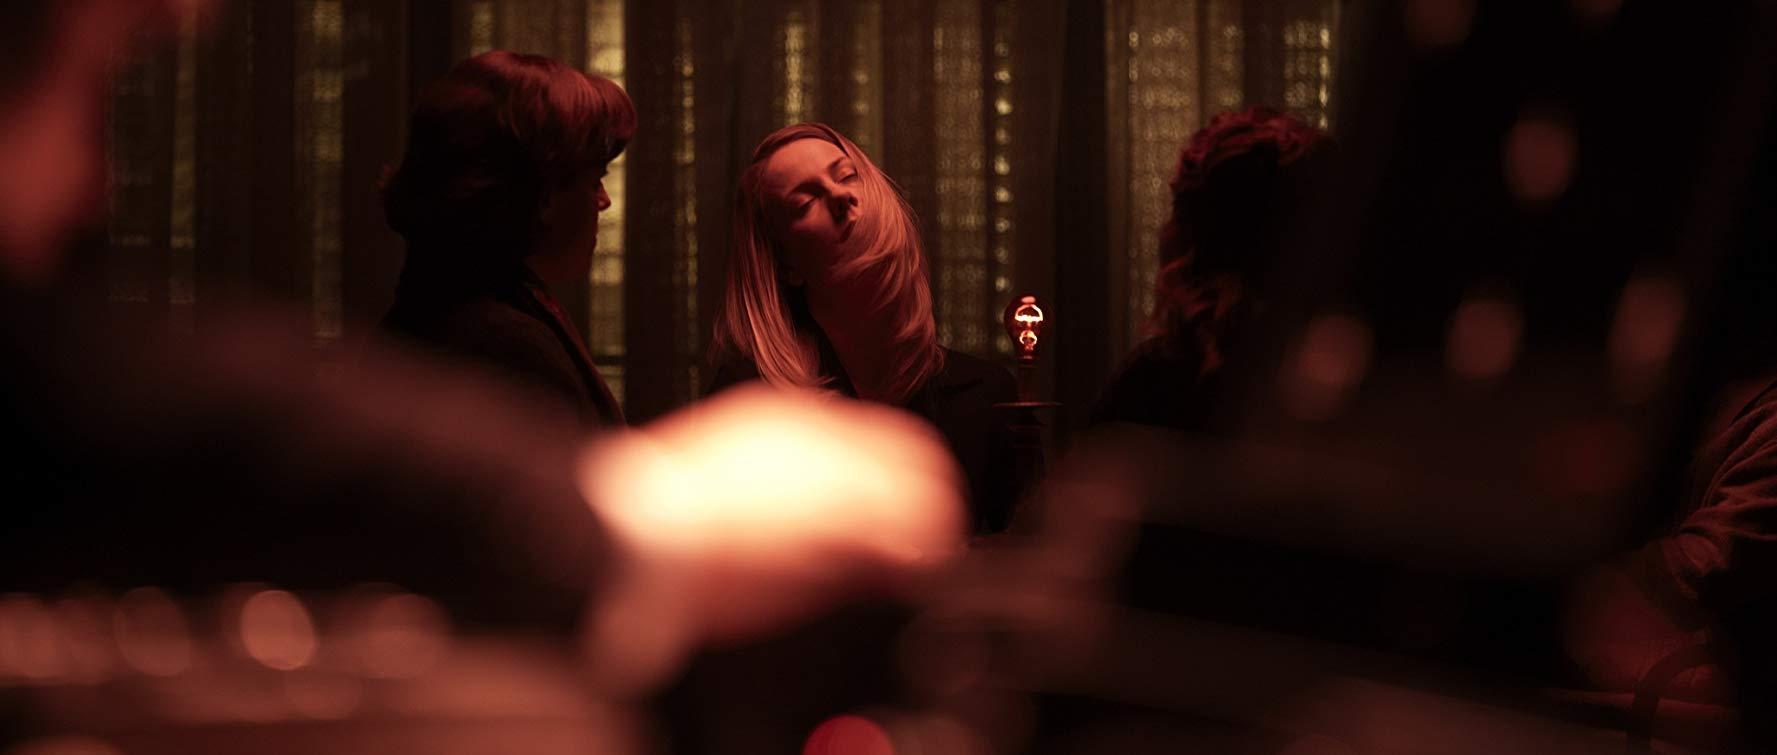 مشاهدة فيلم Red Lights 2012 HD مترجم كامل اون لاين